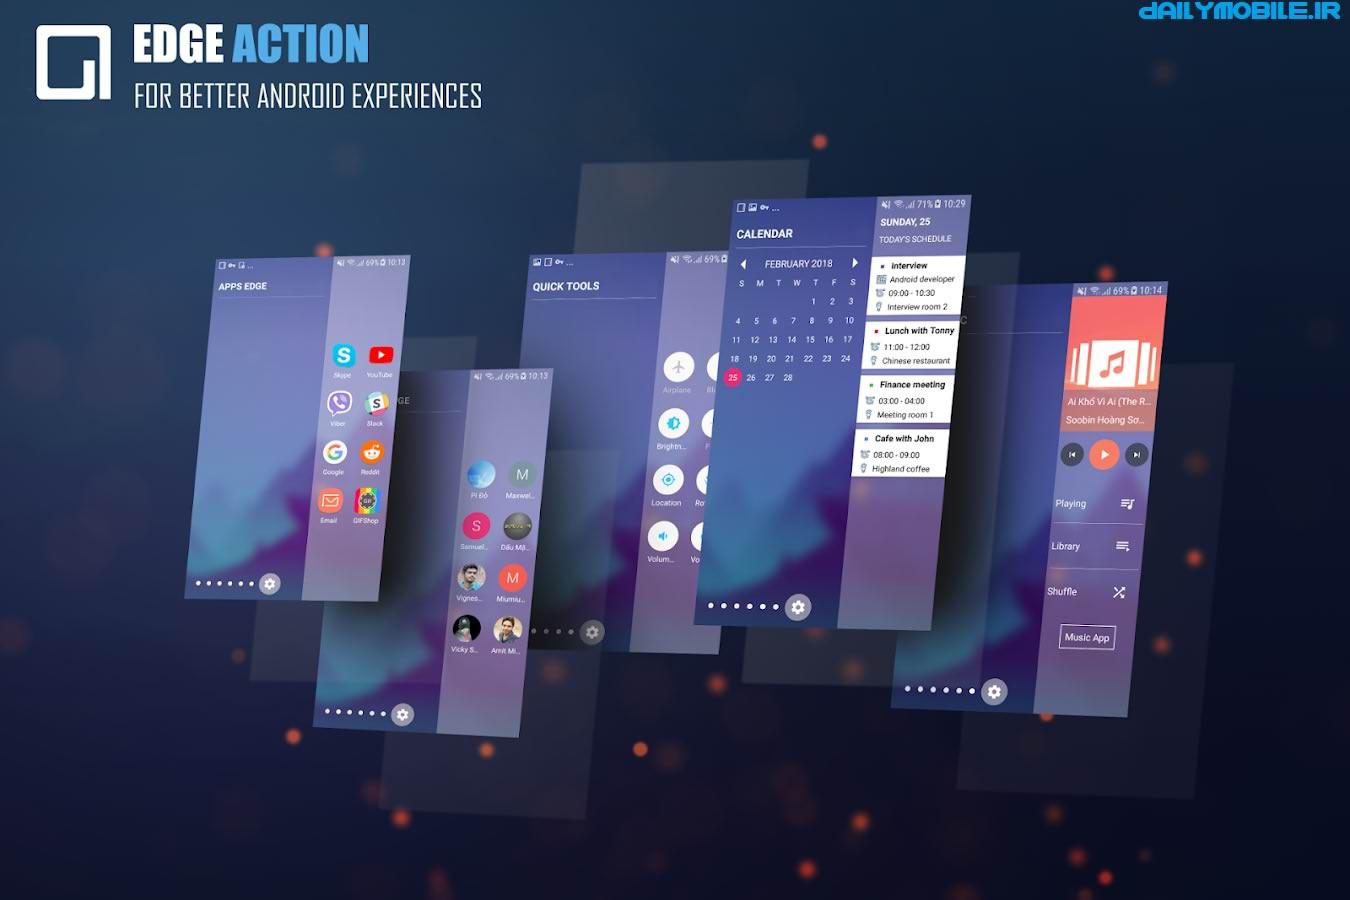 دانلود برنامه نوار کناری سامسونگ اس8 اندروید Edge Action - S8 Edge Launcher, Music, Contact